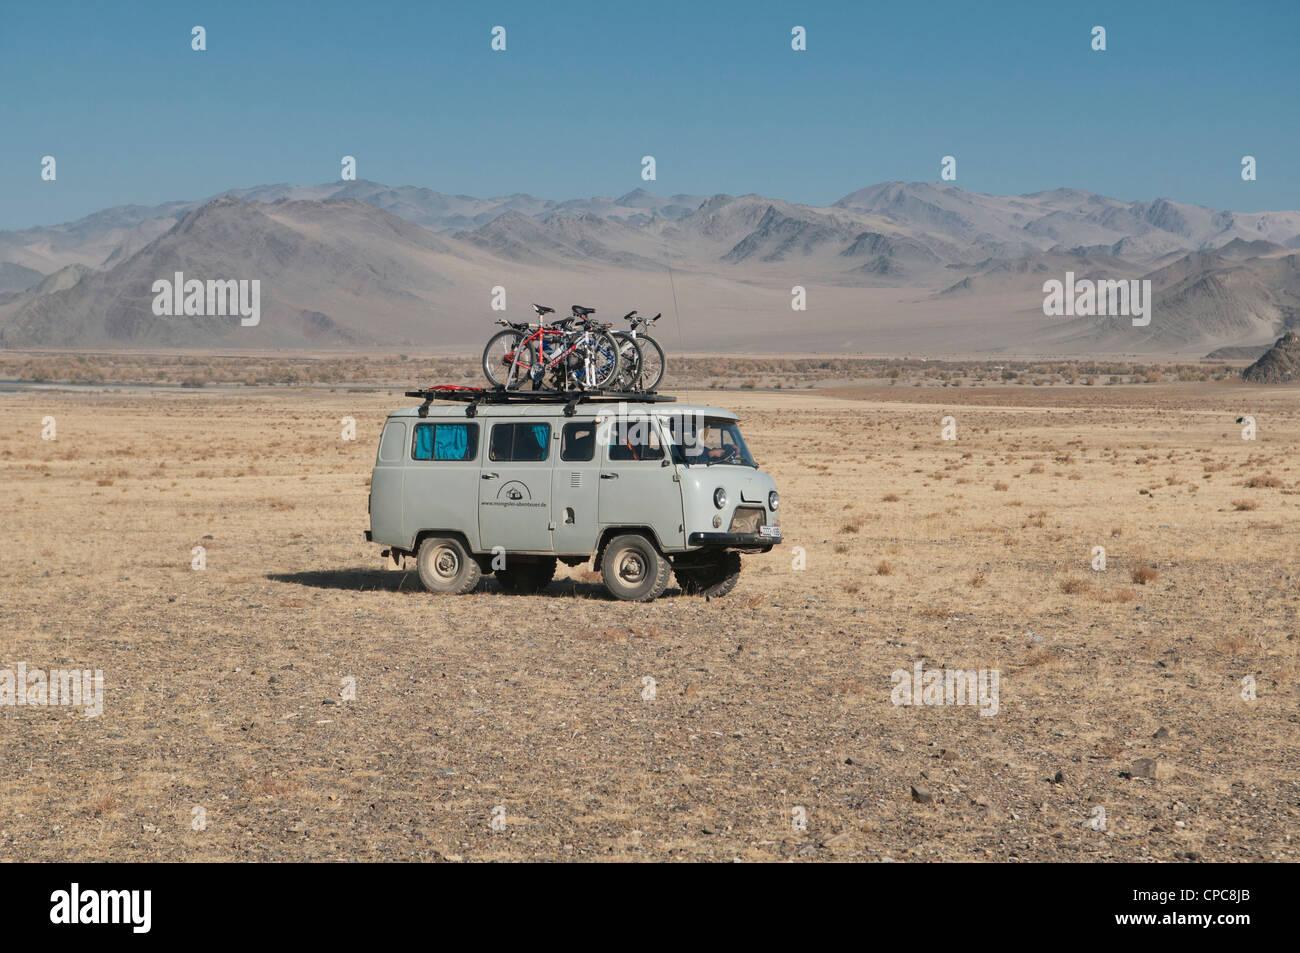 Una camioneta Furgon cargado touring ruso en la región de Altai de Mongolia occidental Foto de stock